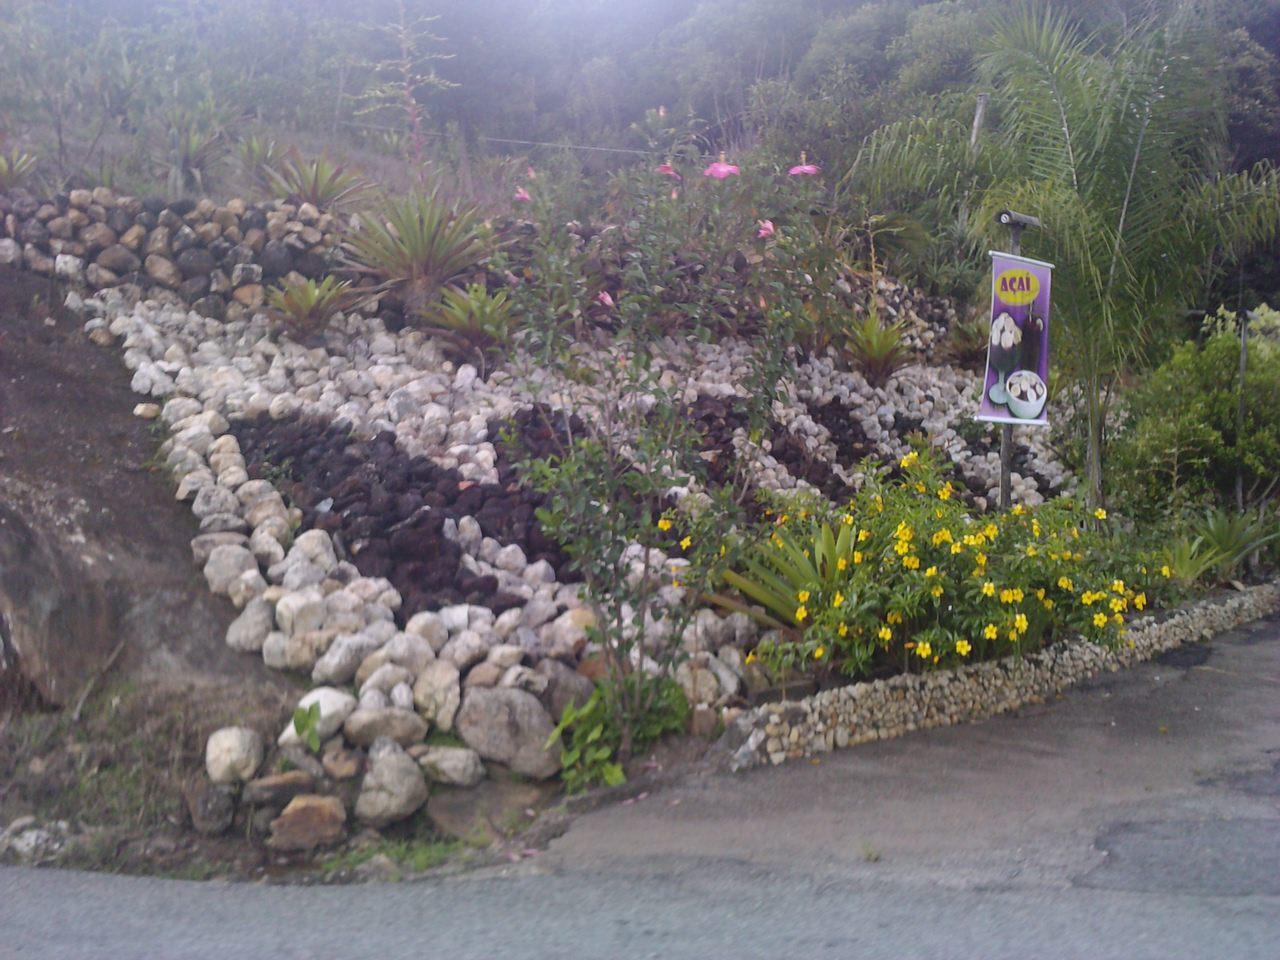 seixo para jardim em belem: : use em seu jardim, seixo, argila rolada de varias cores e tamanhos